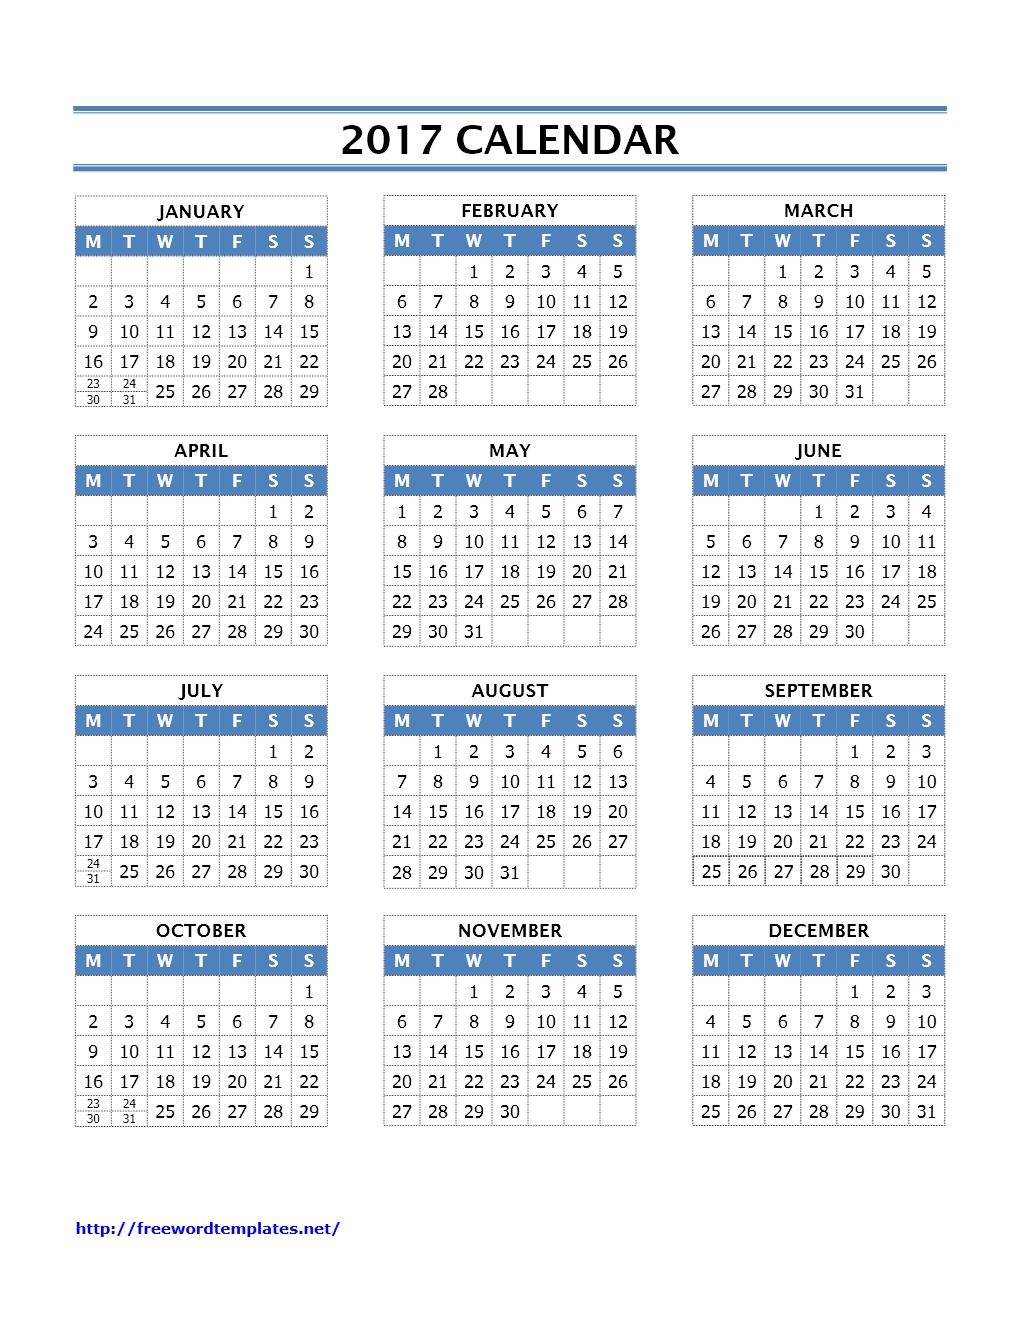 Calendar | Freewordtemplates.net